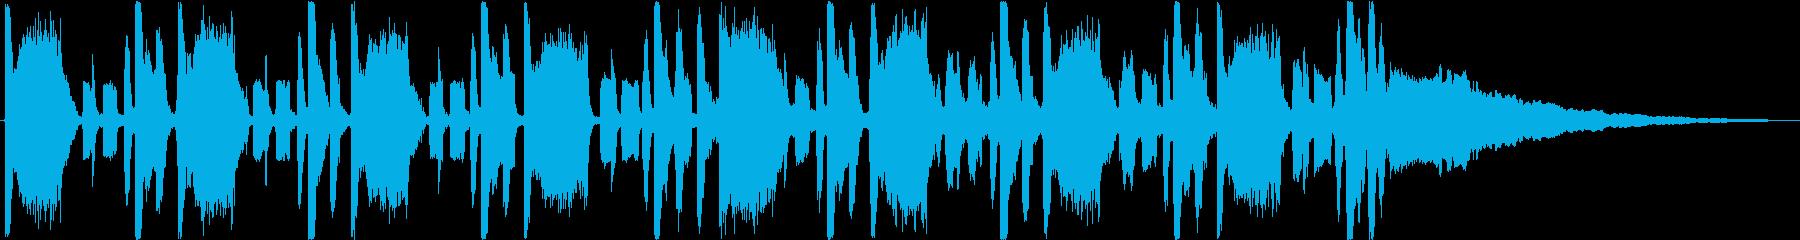 30秒】ダブステップ コミカル オシャレの再生済みの波形